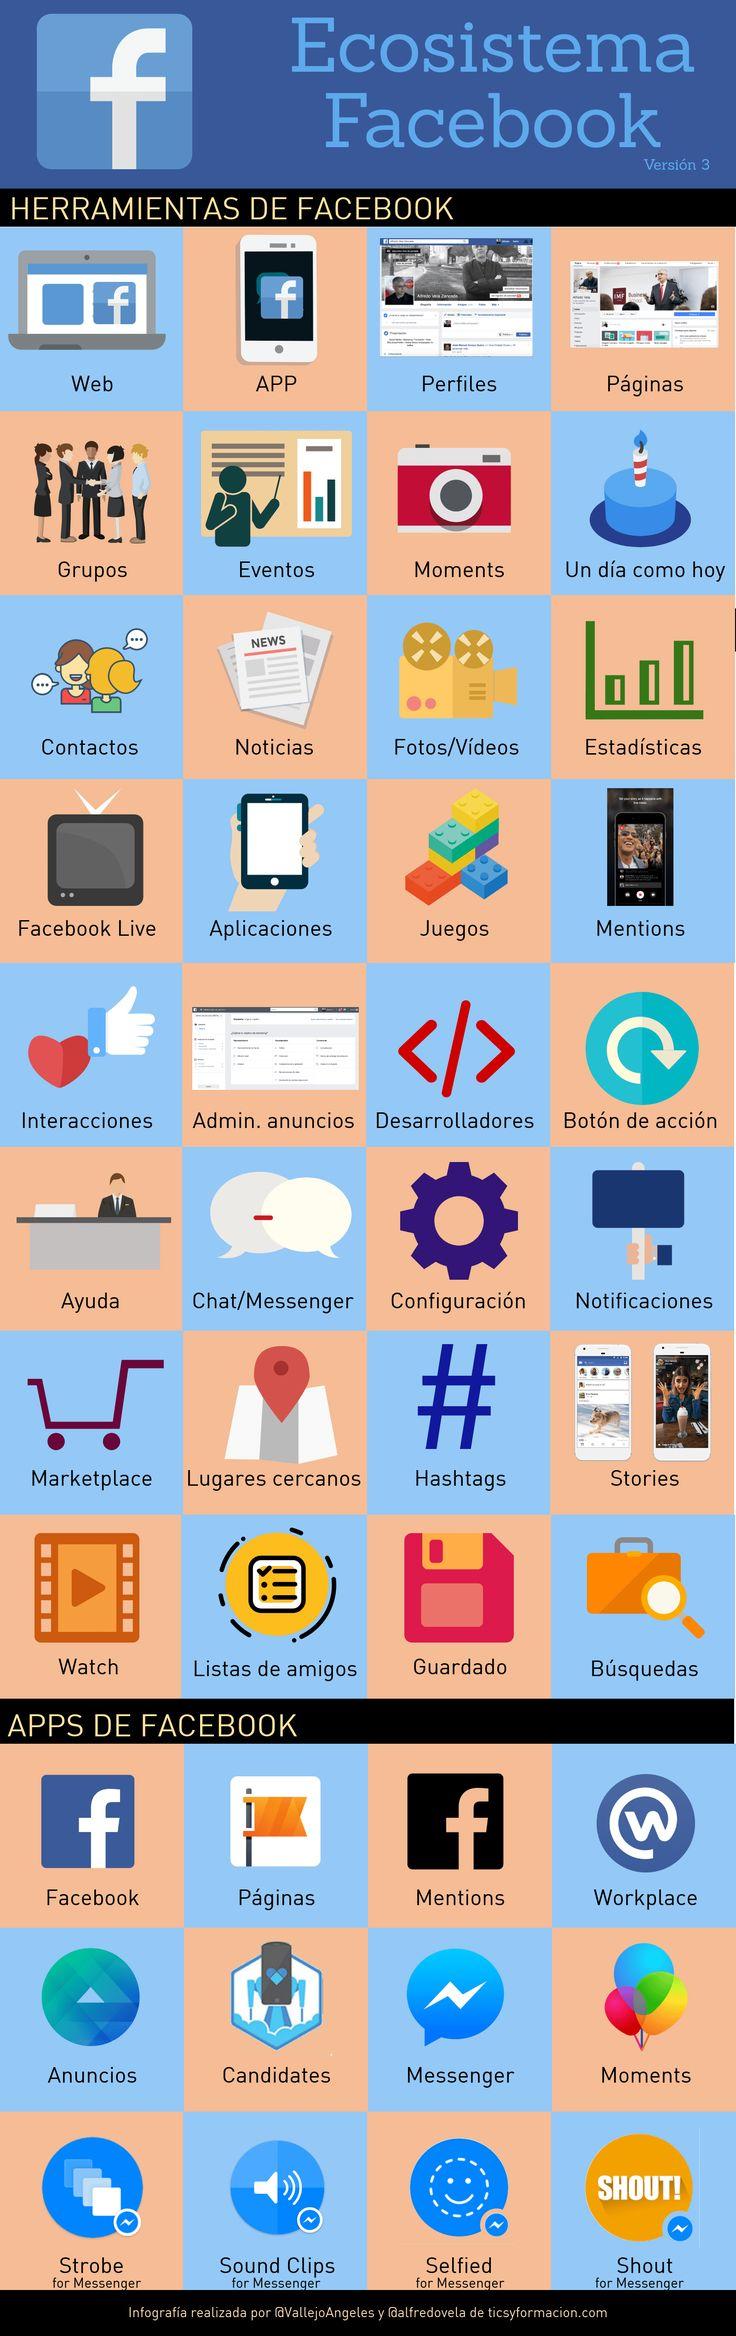 Ecosistema Facebook (versión 3) #infografia